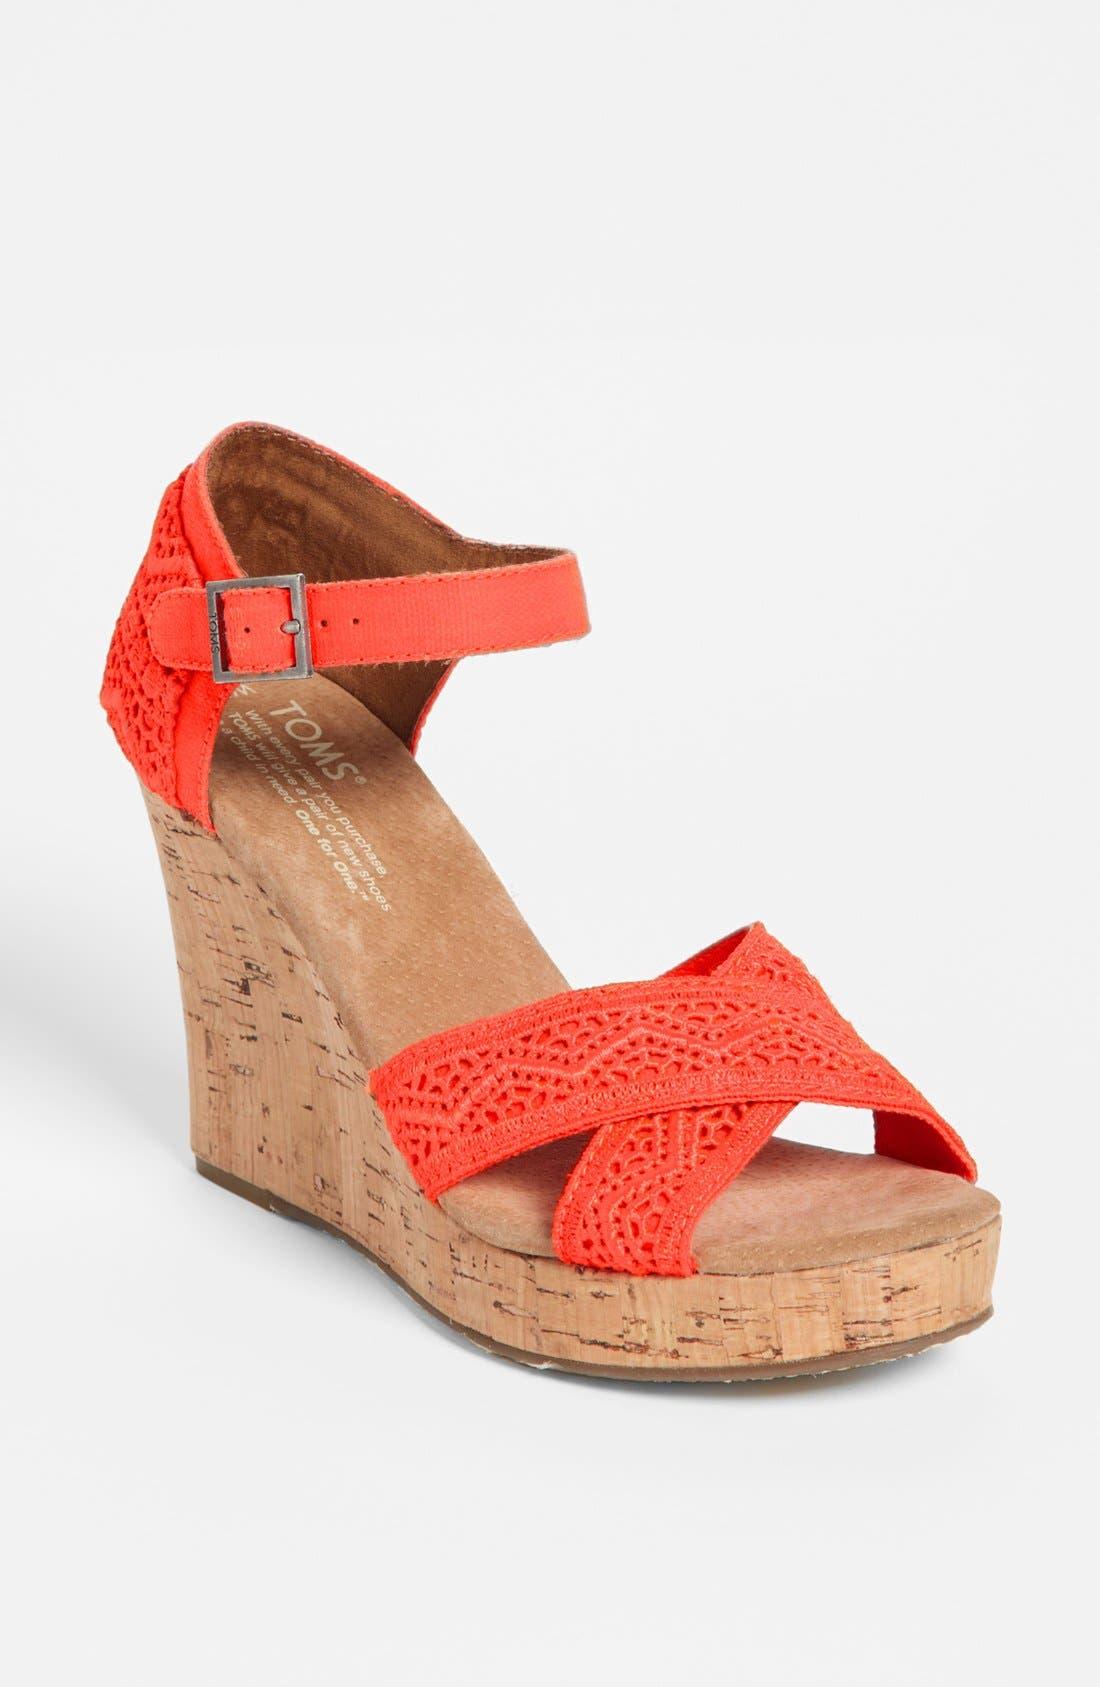 Alternate Image 1 Selected - TOMS Crochet Wedge Sandal